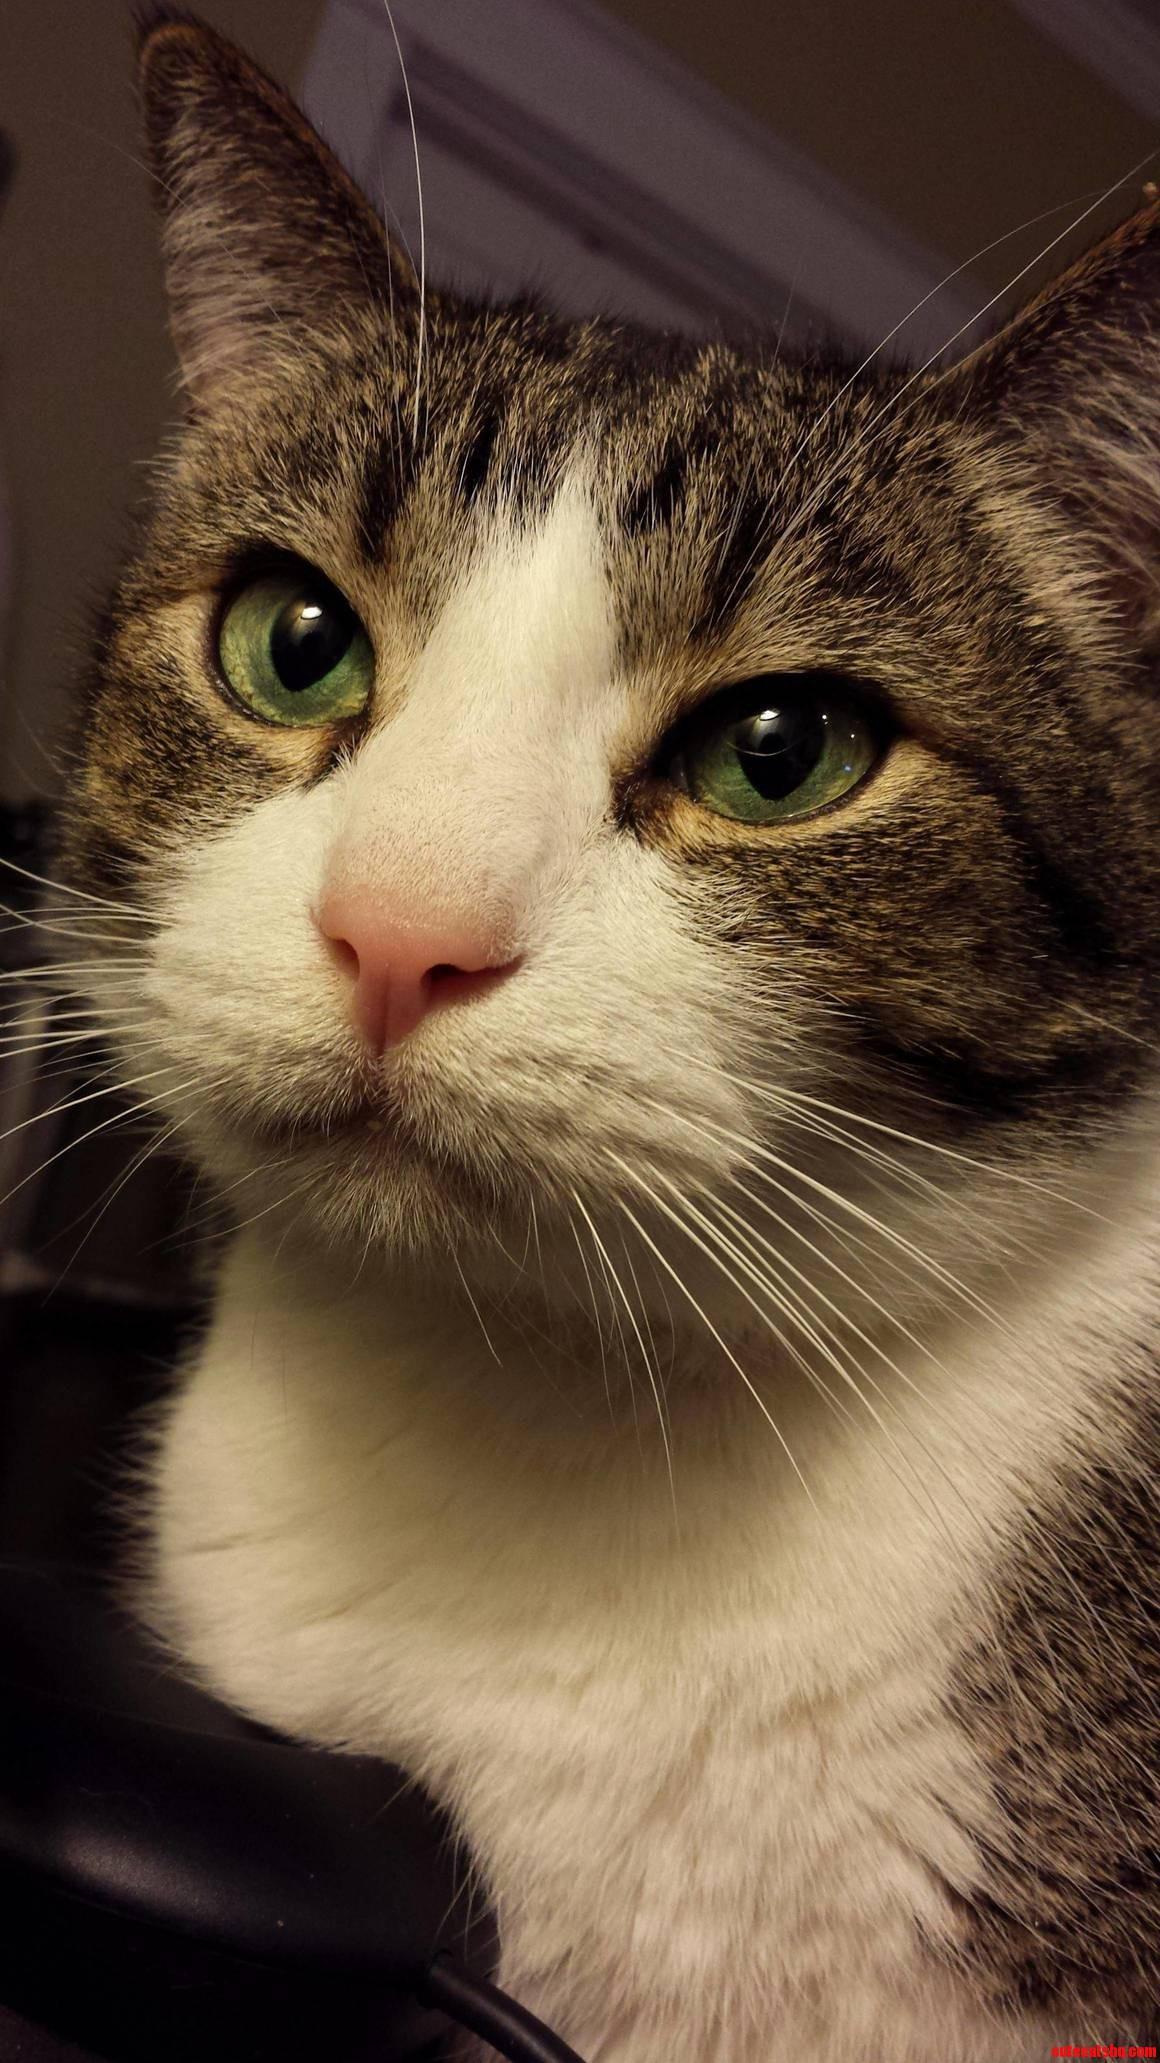 My sweet old man fat Murphy. prettiest eyes i ve ever seen.